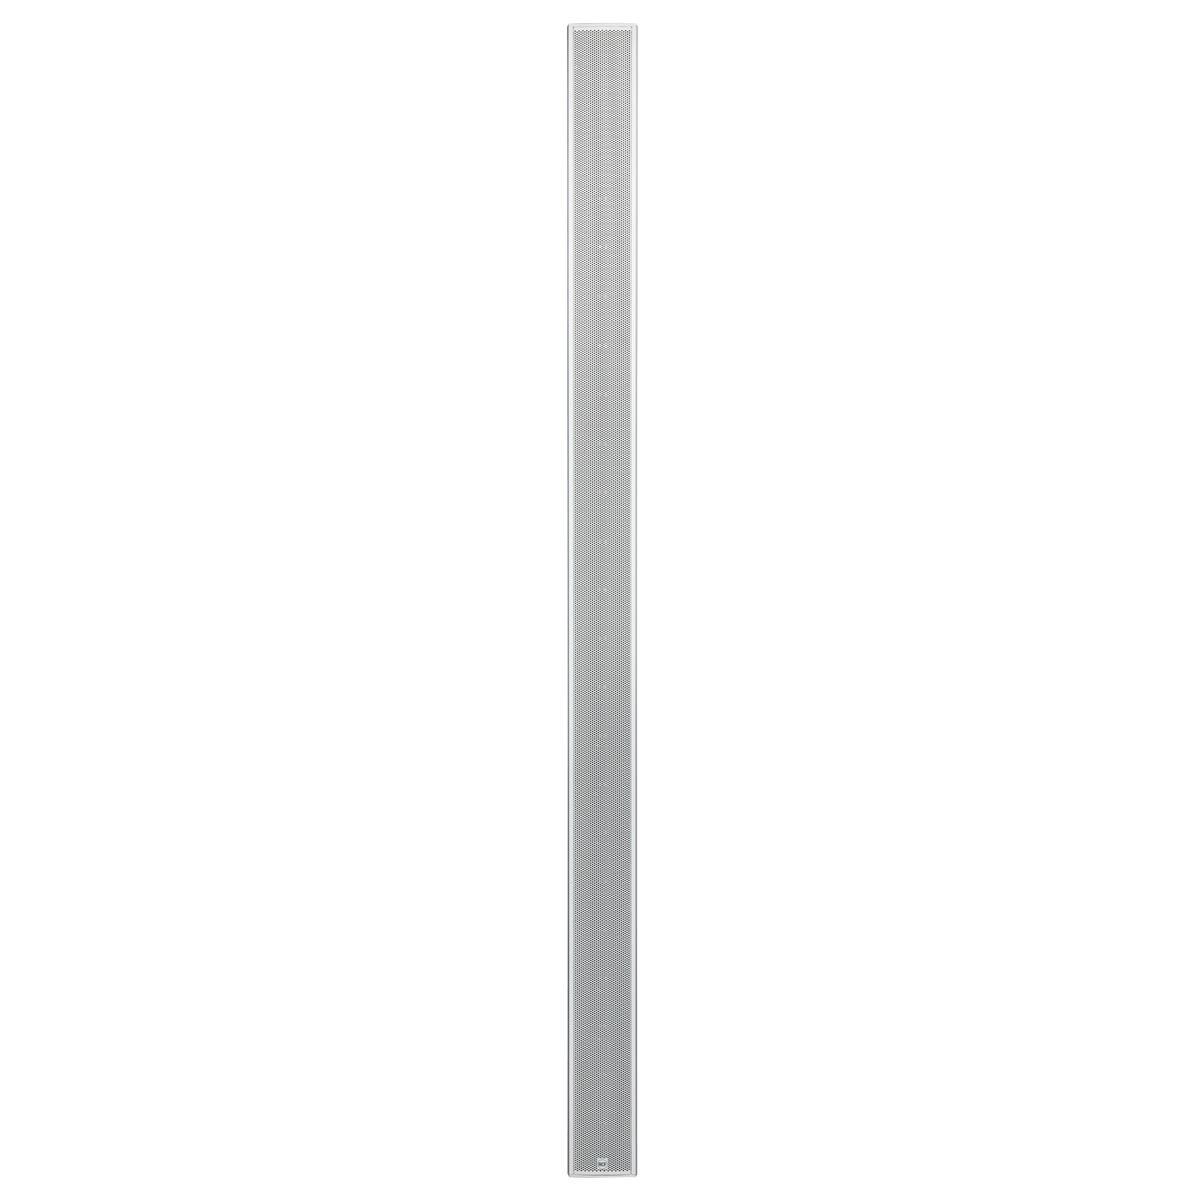 RCF VSA 2050 MKII White